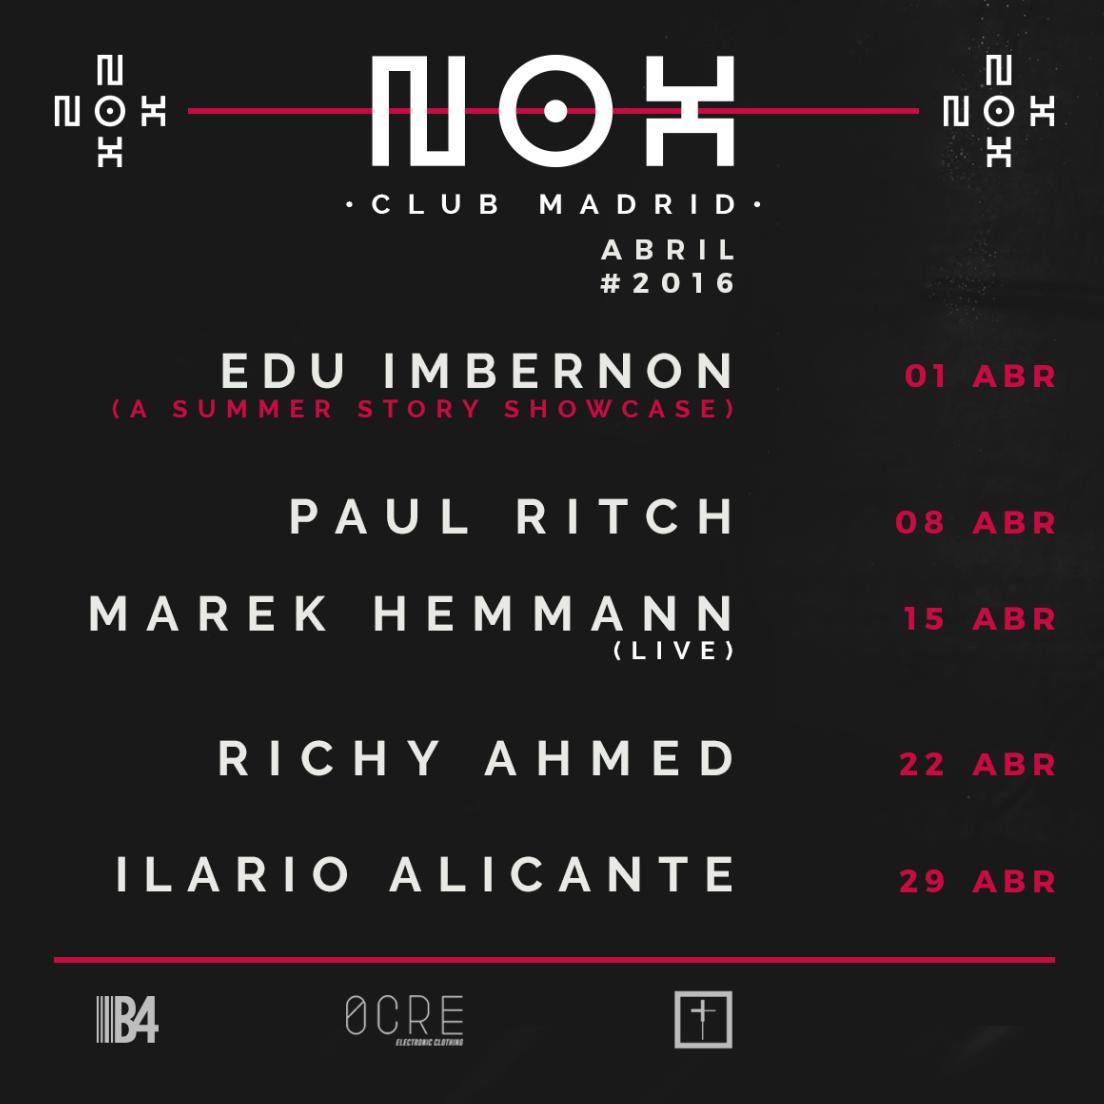 abril en nox club